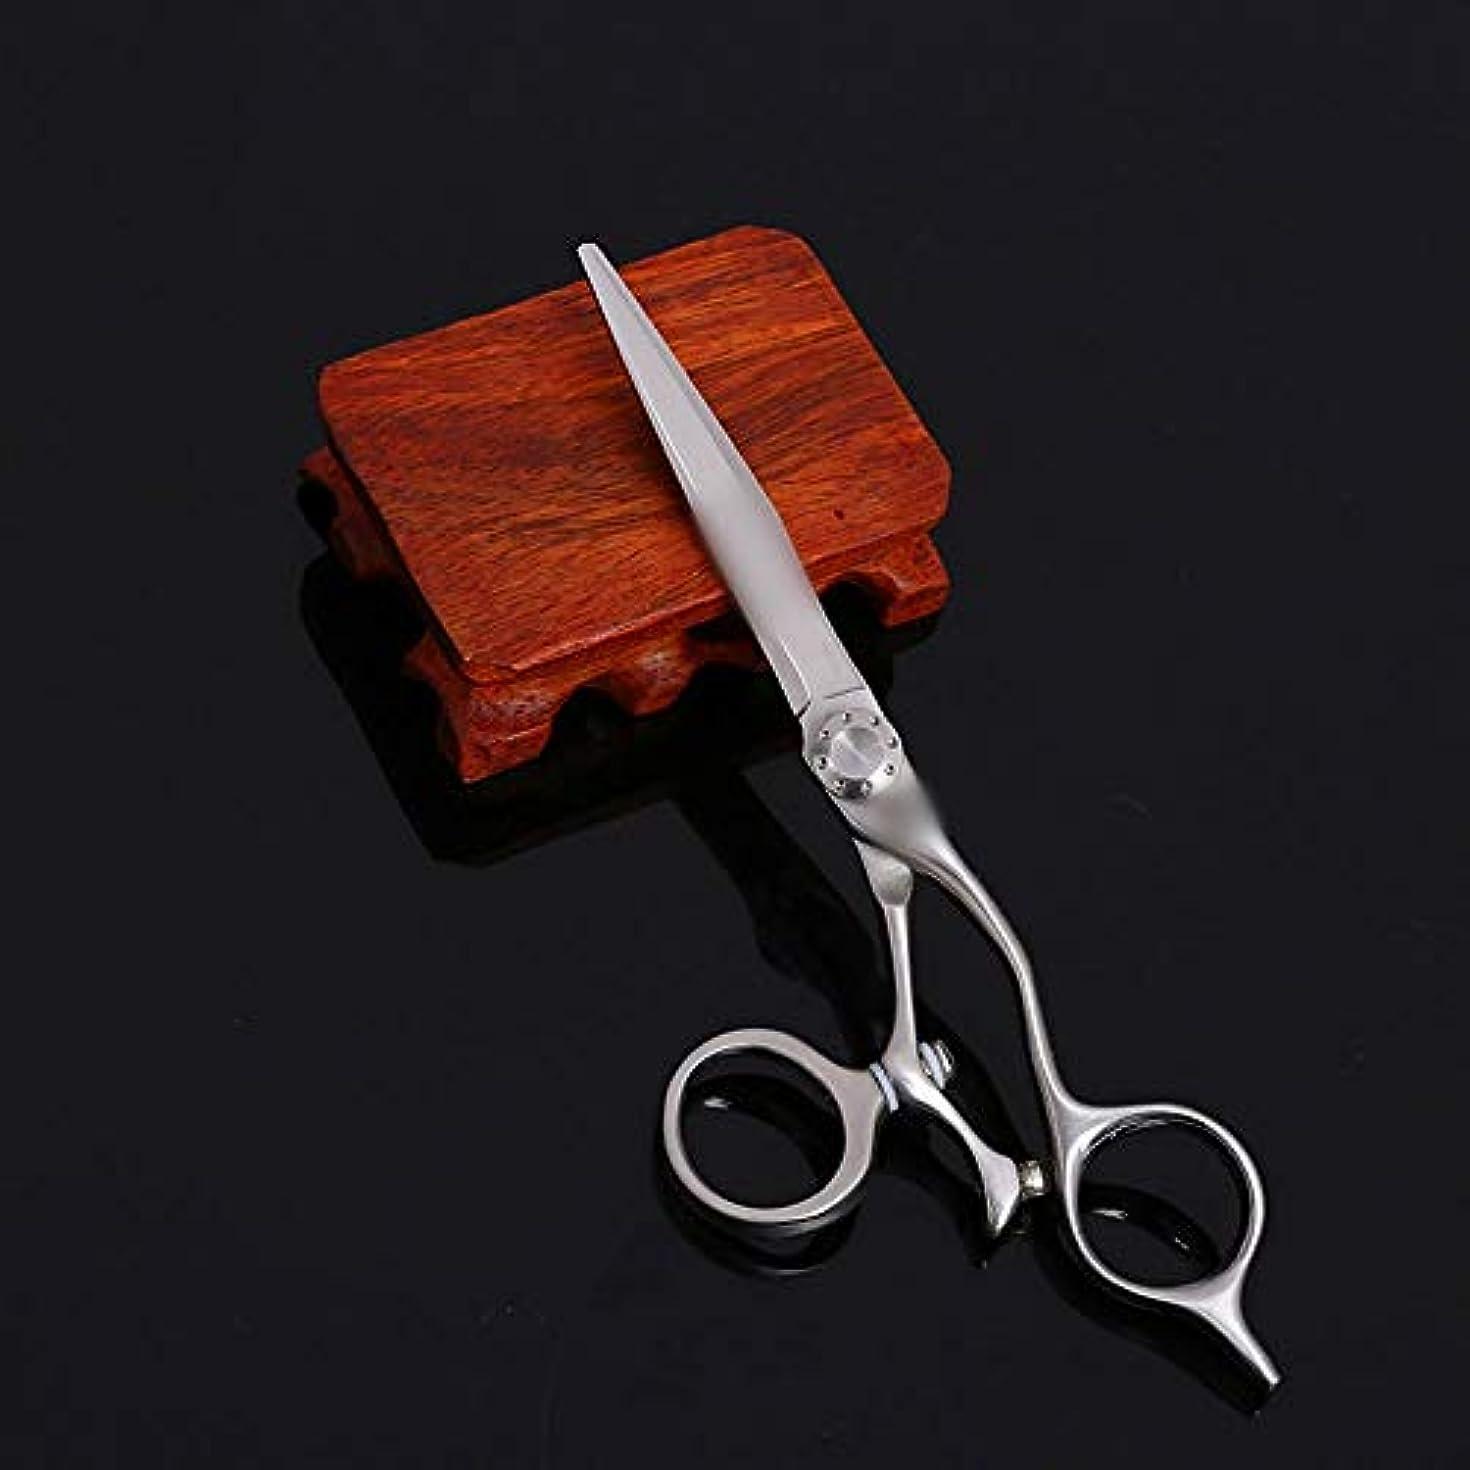 戸棚ずっとグリル6インチプロフェッショナルヘアカットシザーステンレス鋼フラットシザー理髪はさみ モデリングツール (色 : Silver)